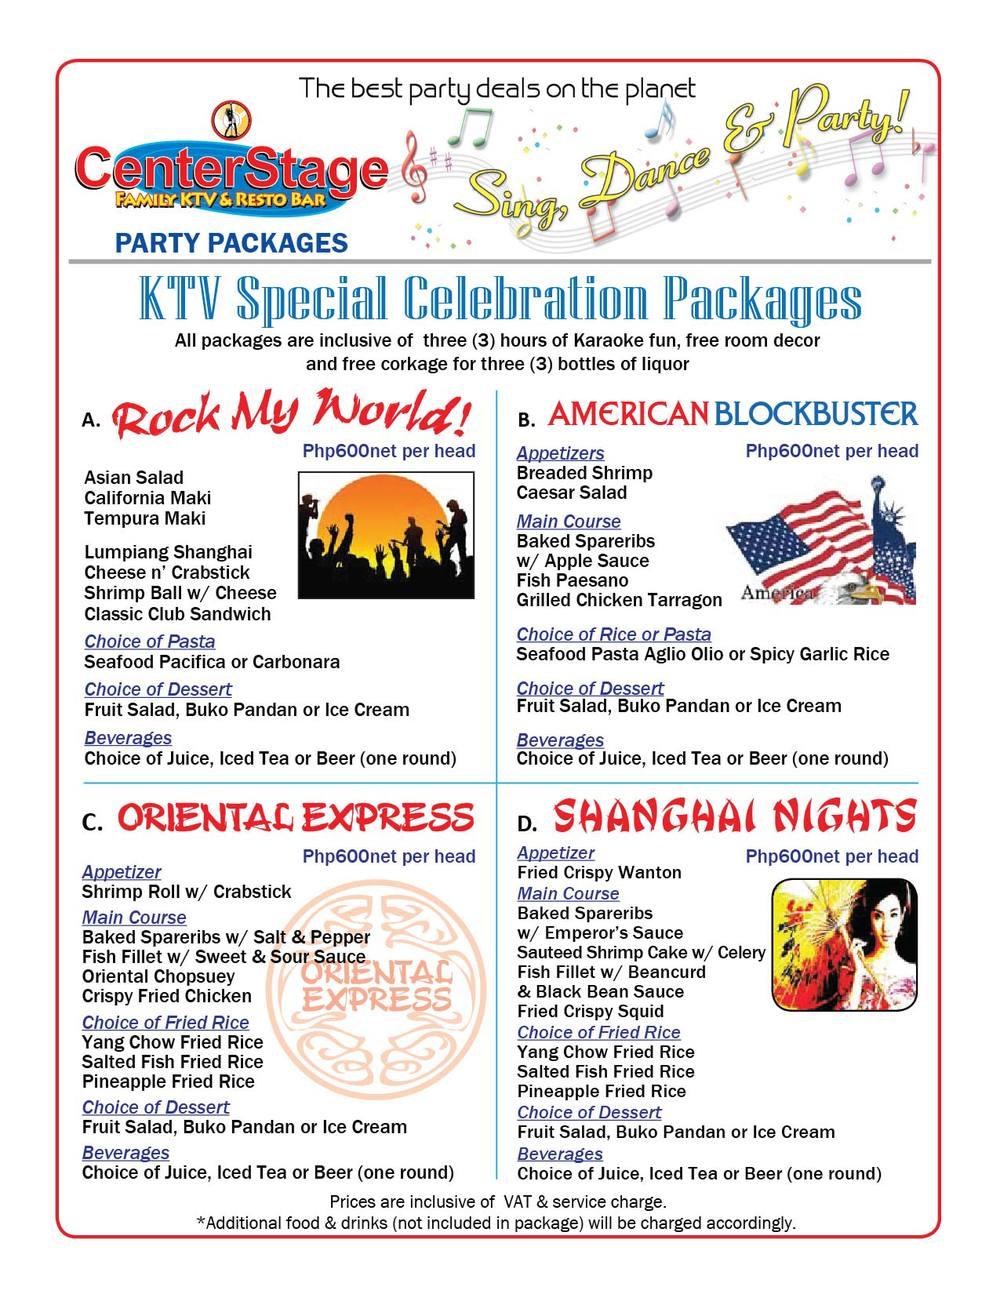 CS PARTYPKG 2013 WEB p4_Artboard 1.jpg